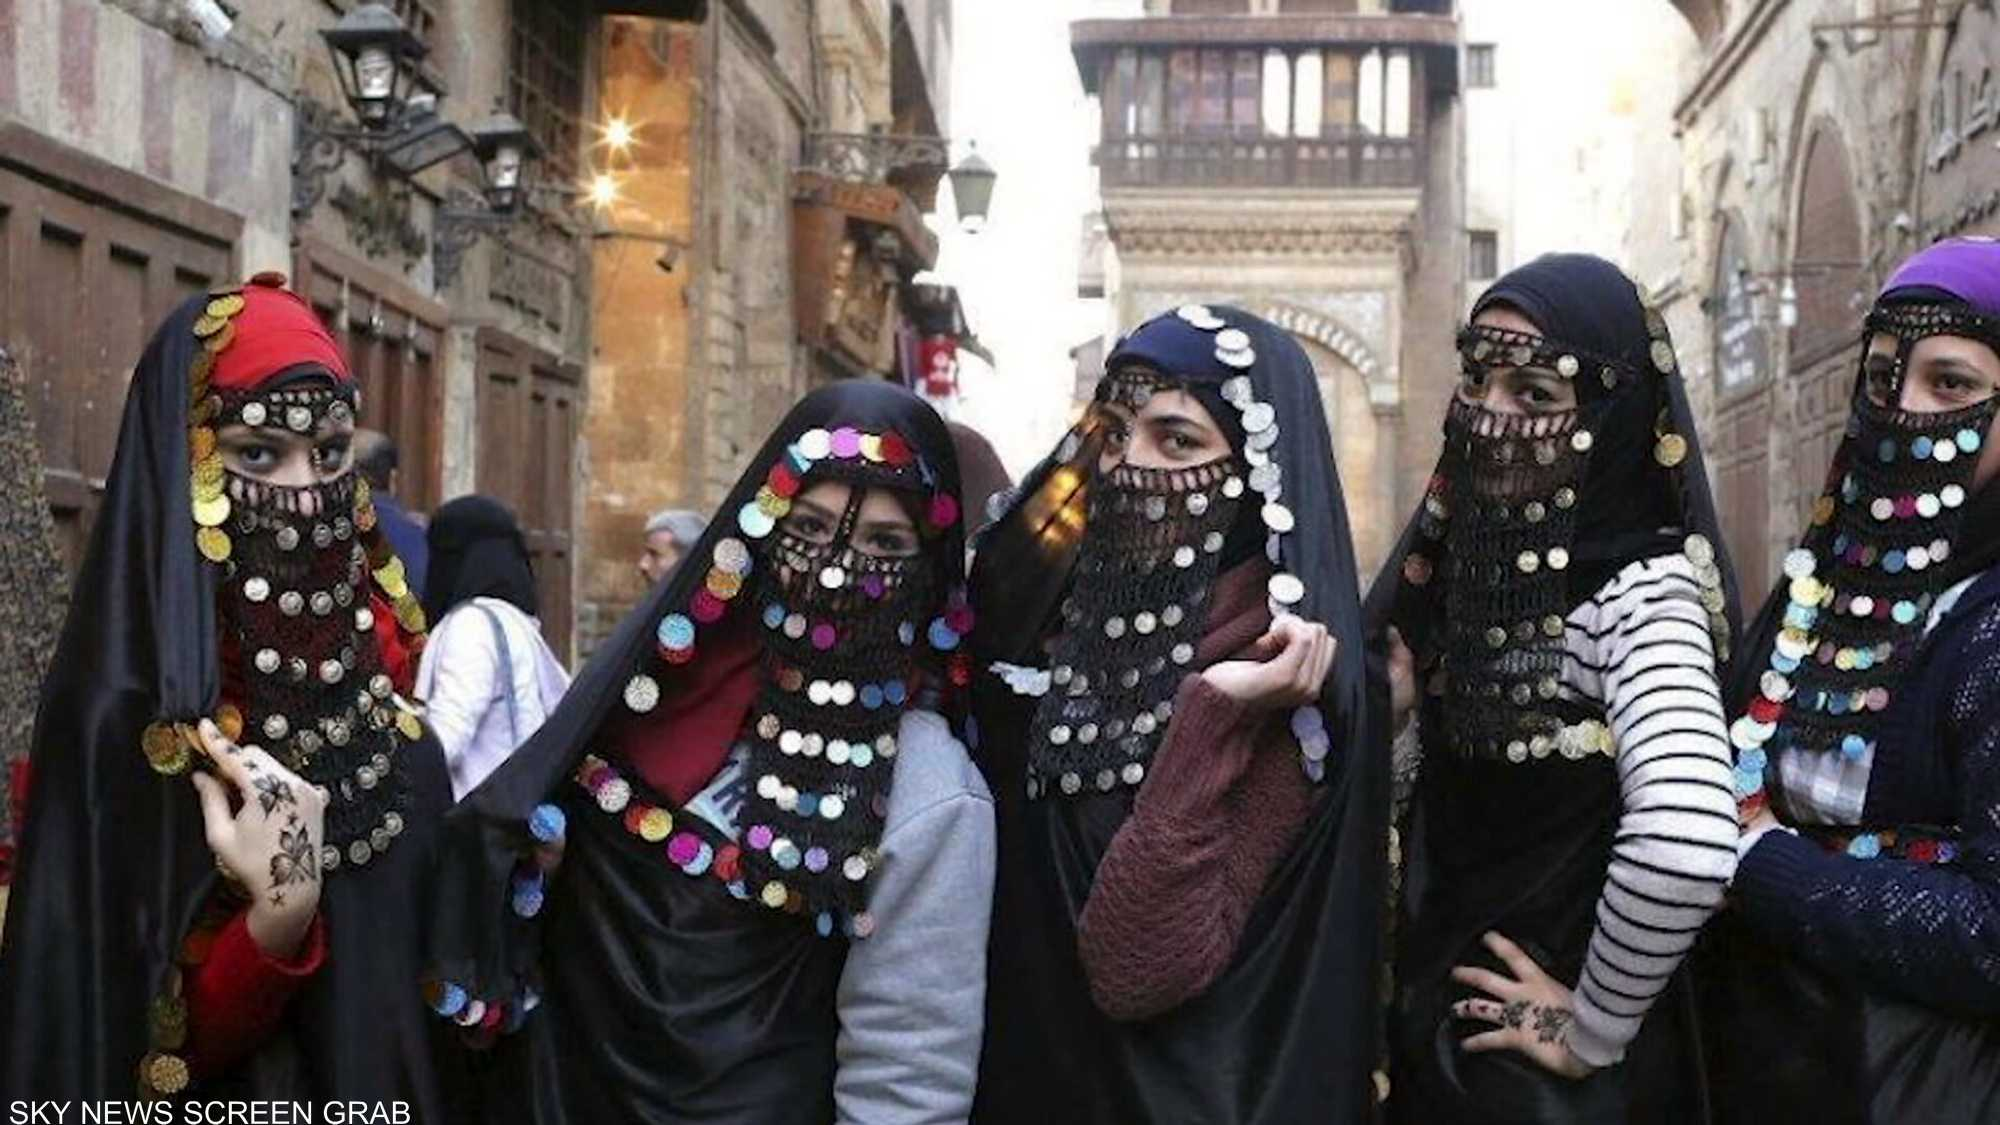 الأزياء المصرية.. نكهة شرقية مطعمة بثقافة أصيلة